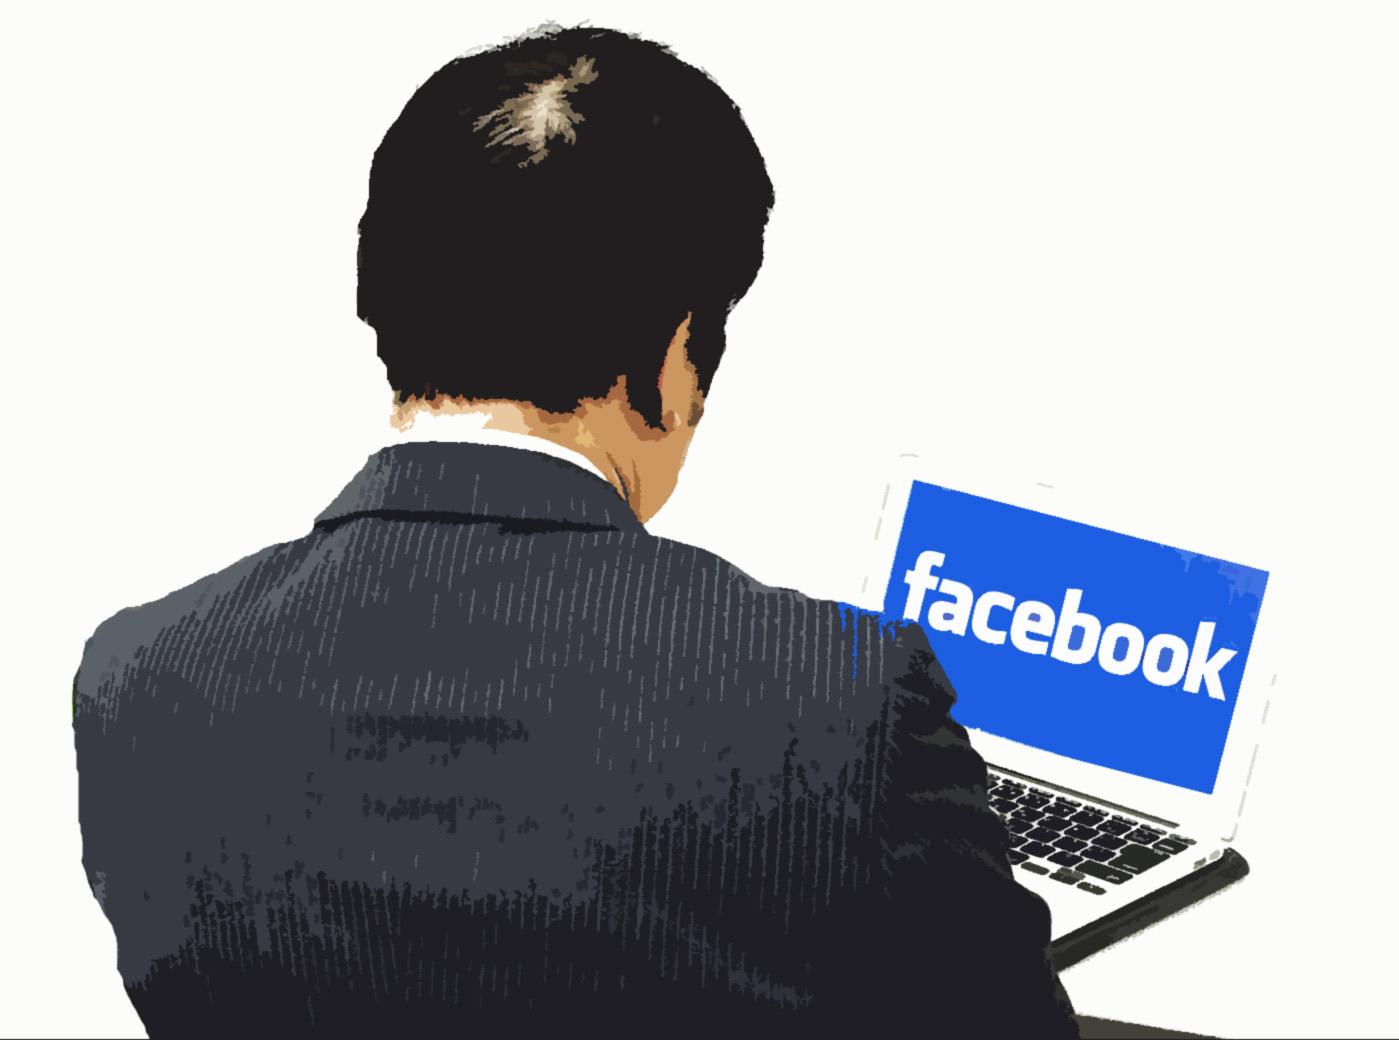 Facebookkouhey